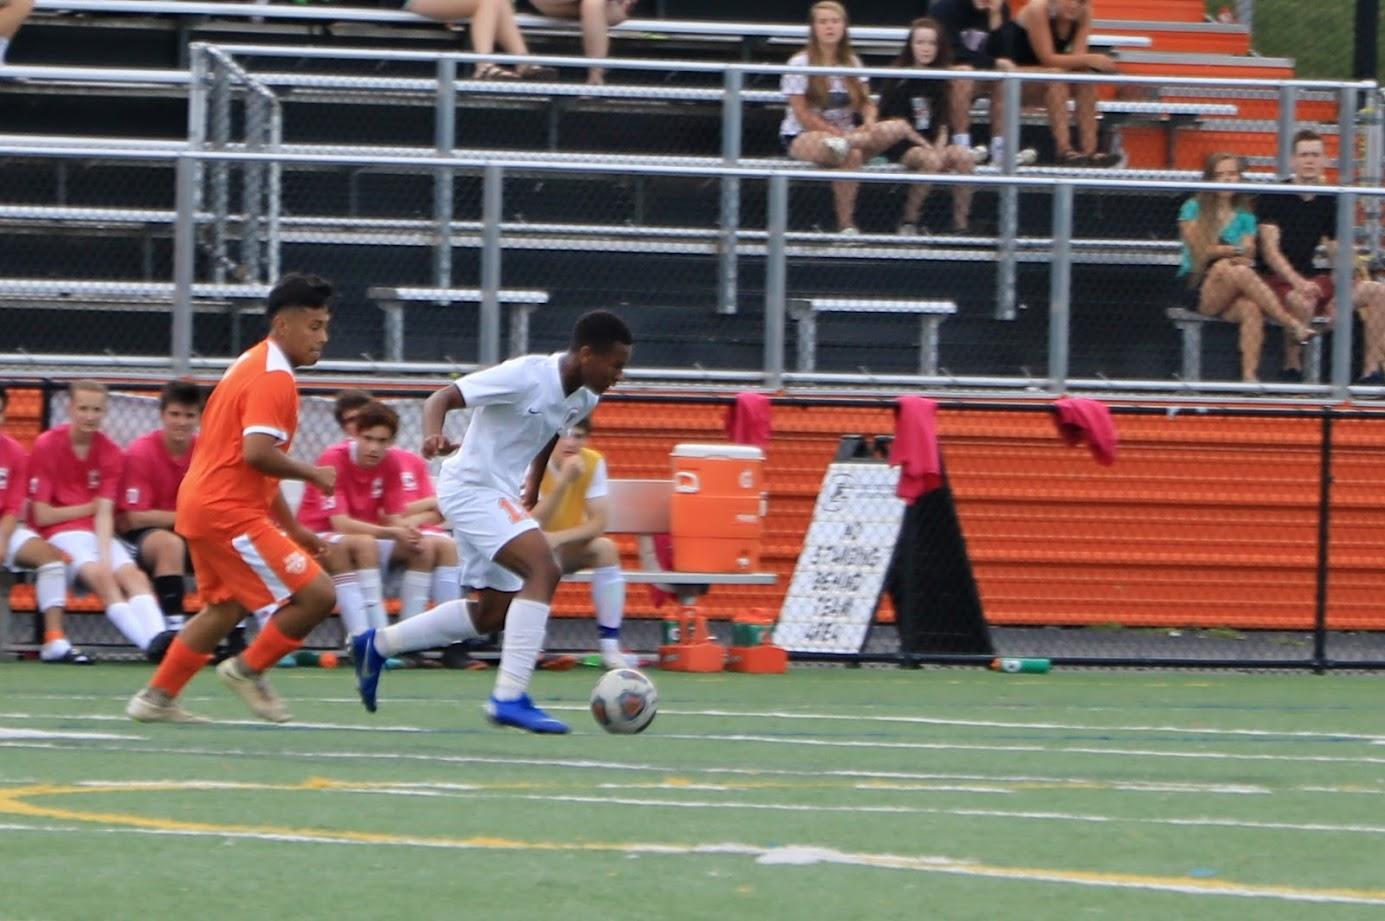 Said Osman To Play Soccer at Lynchburg!!